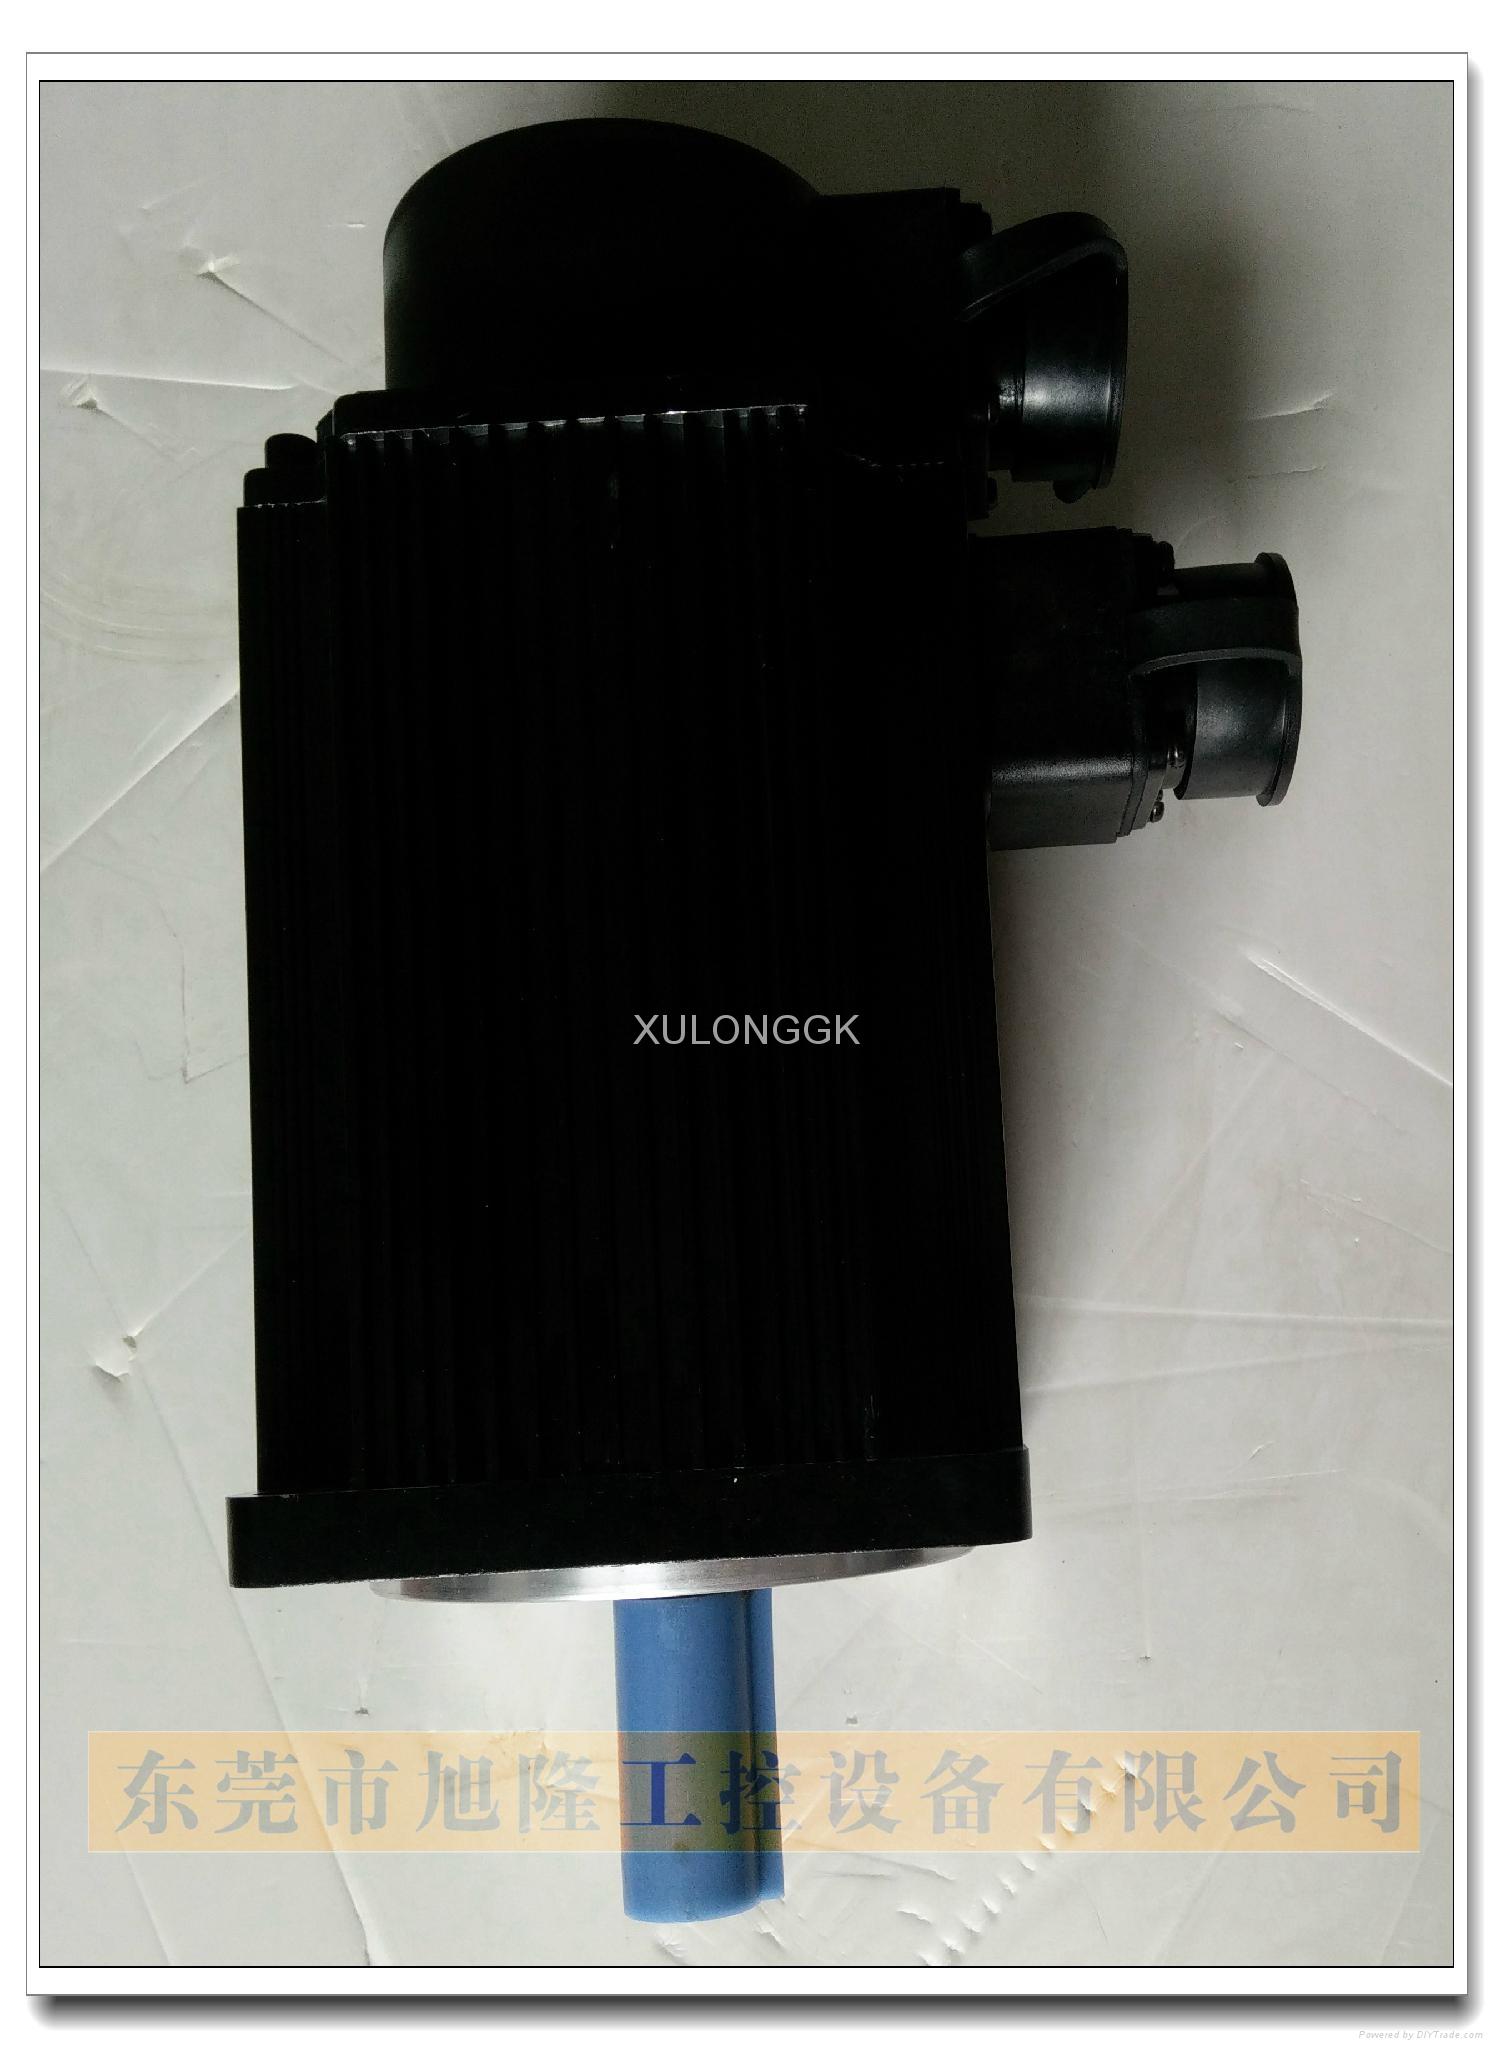 華大伺服電機130ST-M05020LFB 1.0kw 5N  220V 無紡布機械用 2